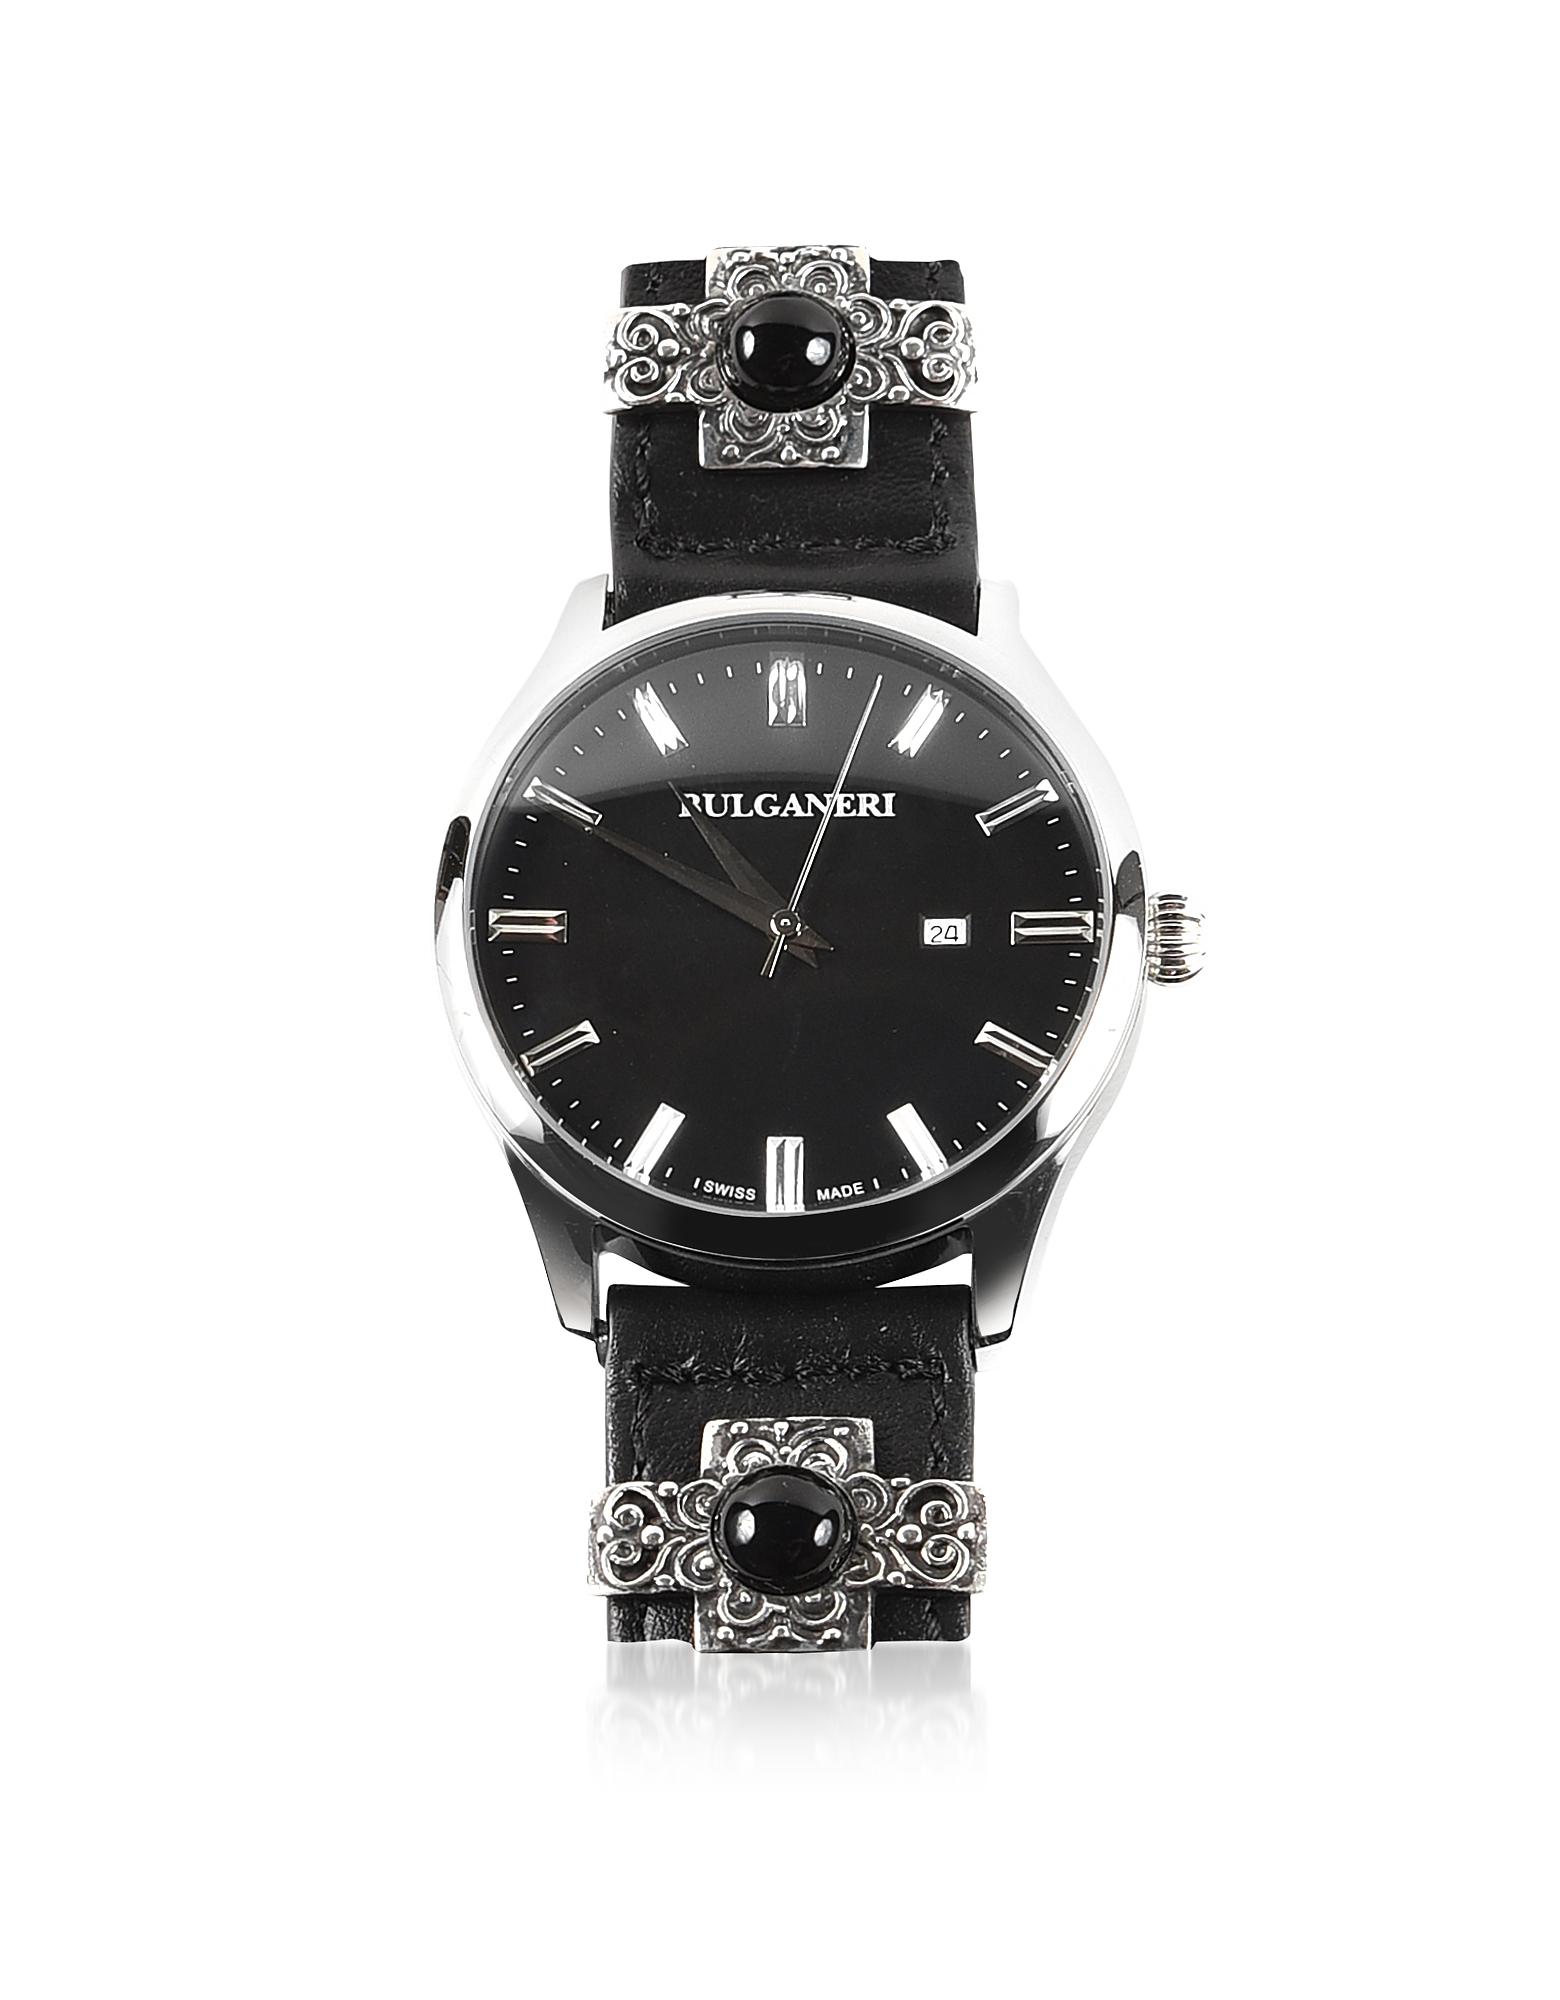 Bulganeri Designer Men's Watches, Giglio Black Dial, Stainless Steel Men's Watch w/Silver, Malachite